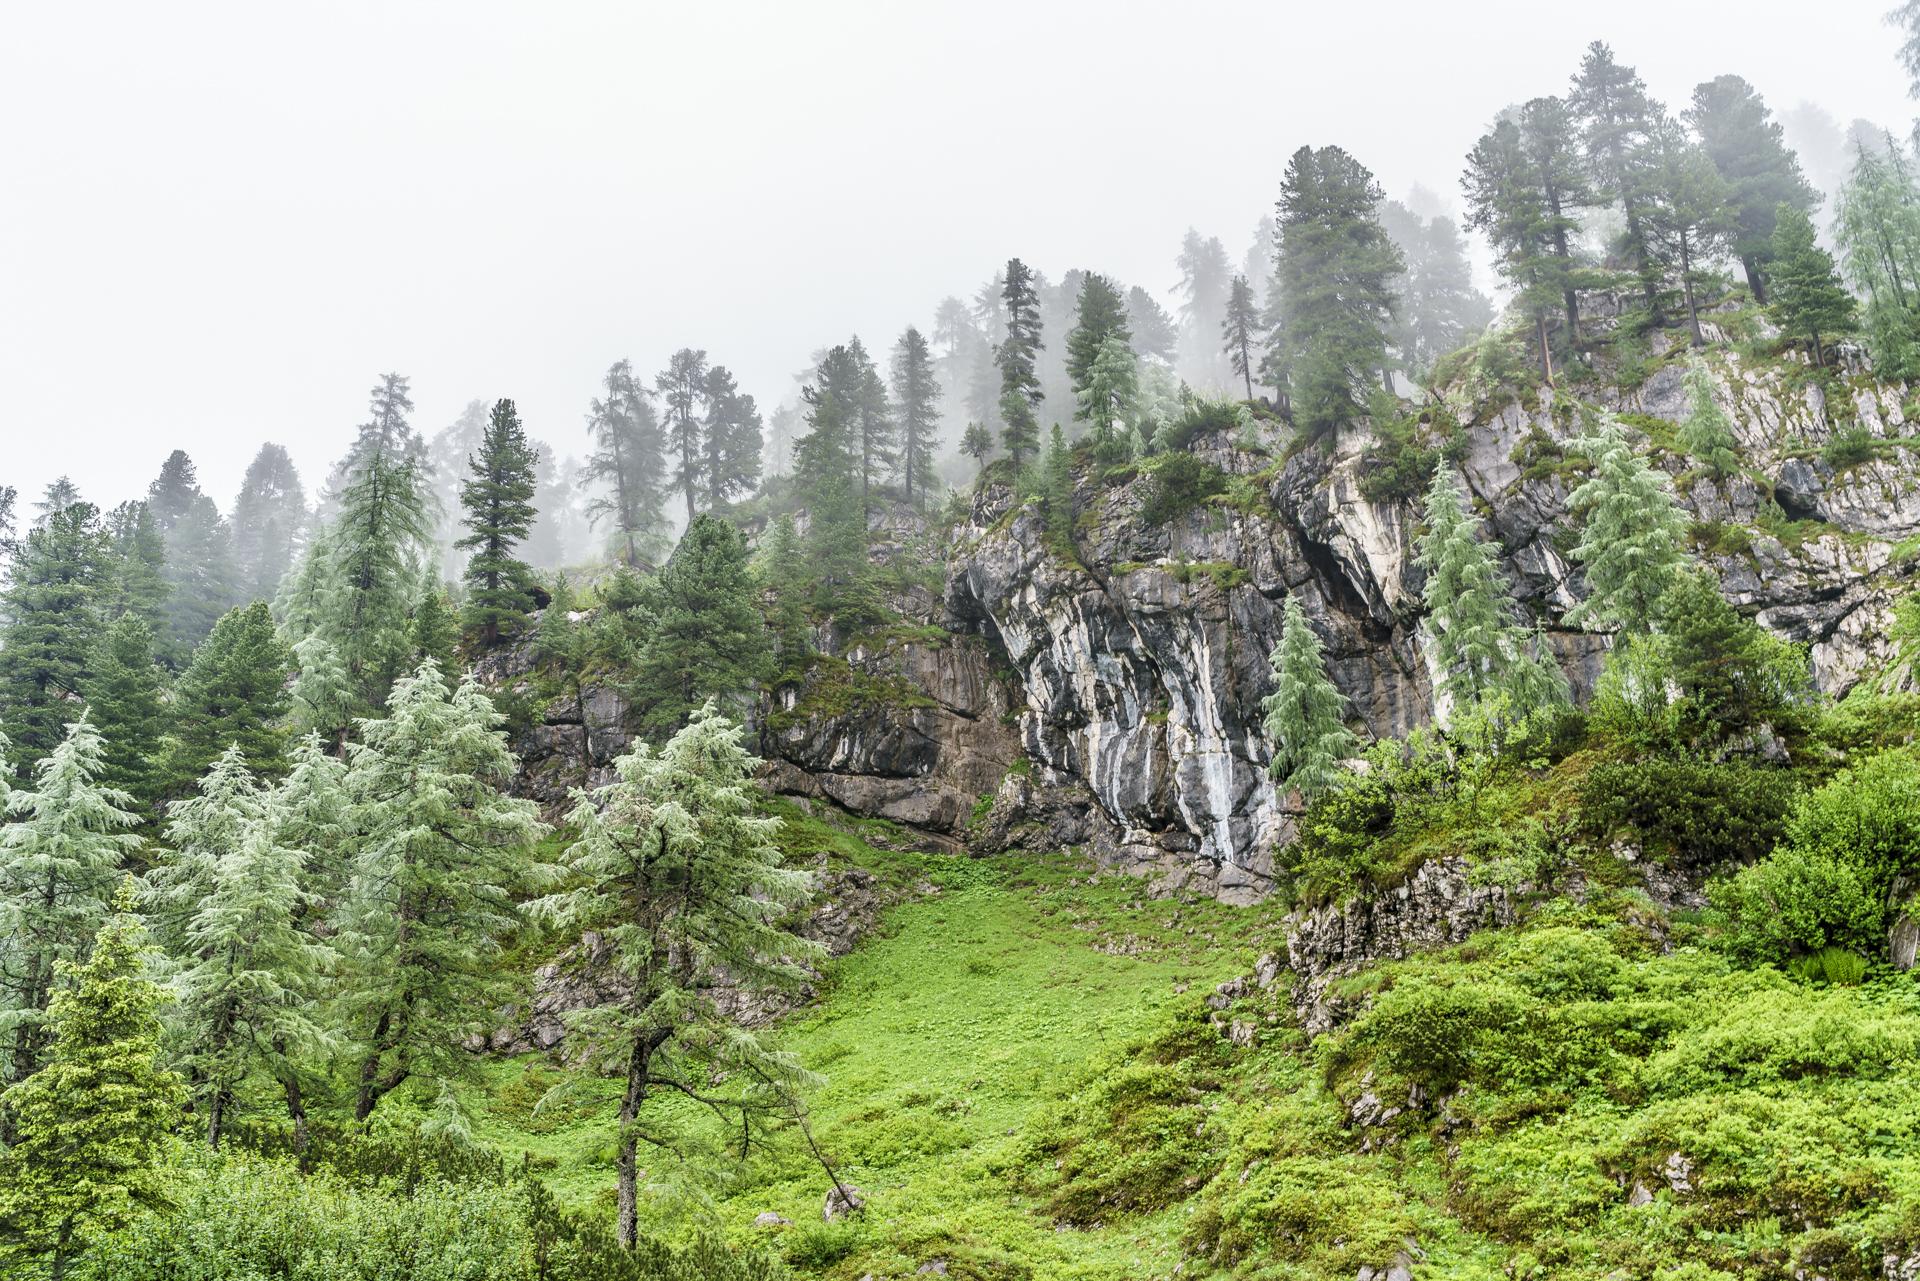 Nebel-Nationalpark-Berchtesgaden